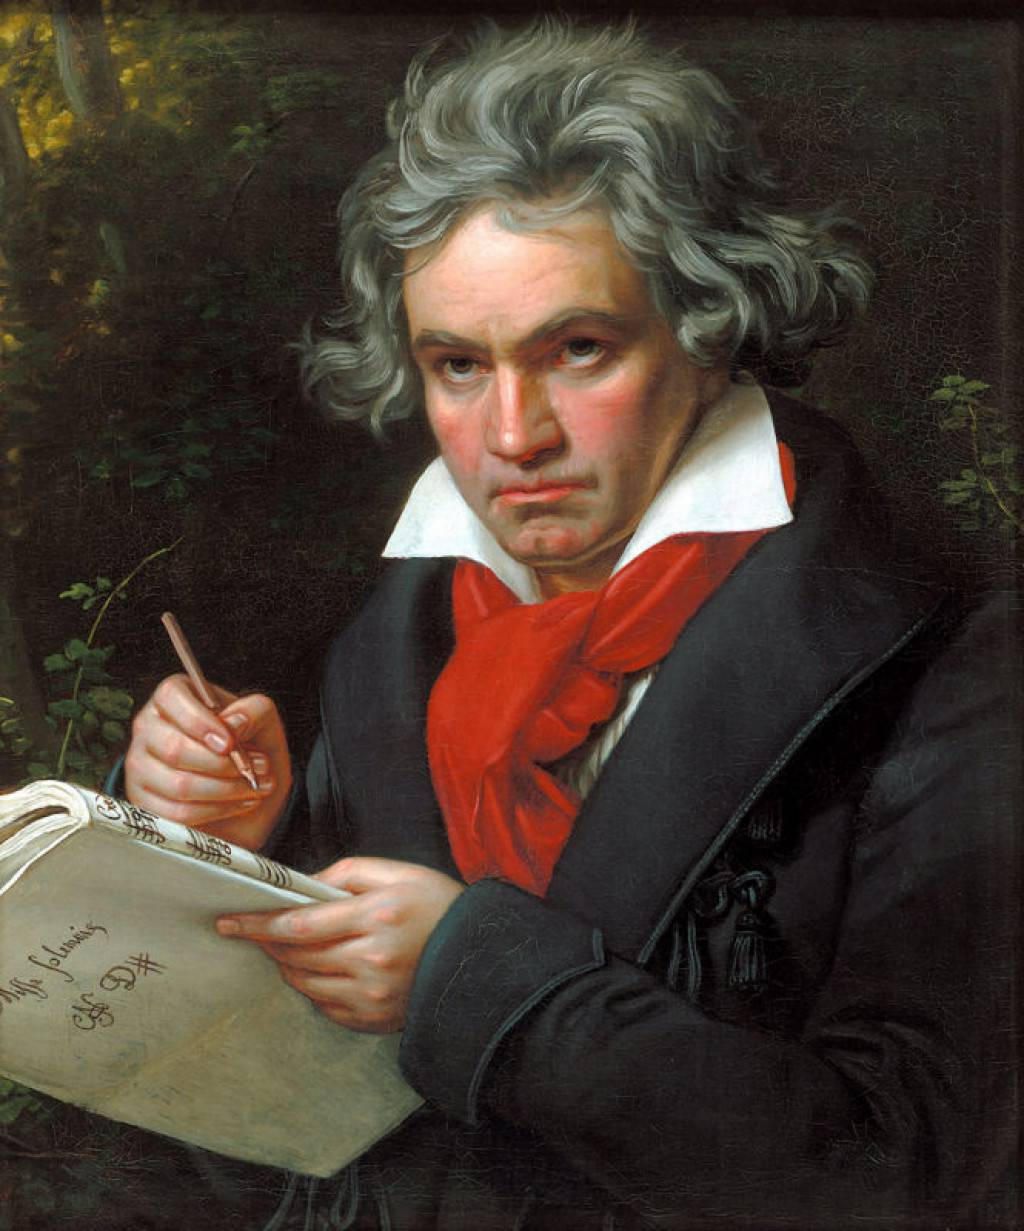 Lezing '250 jaar Beethoven' door Hilde Goedgezelschap